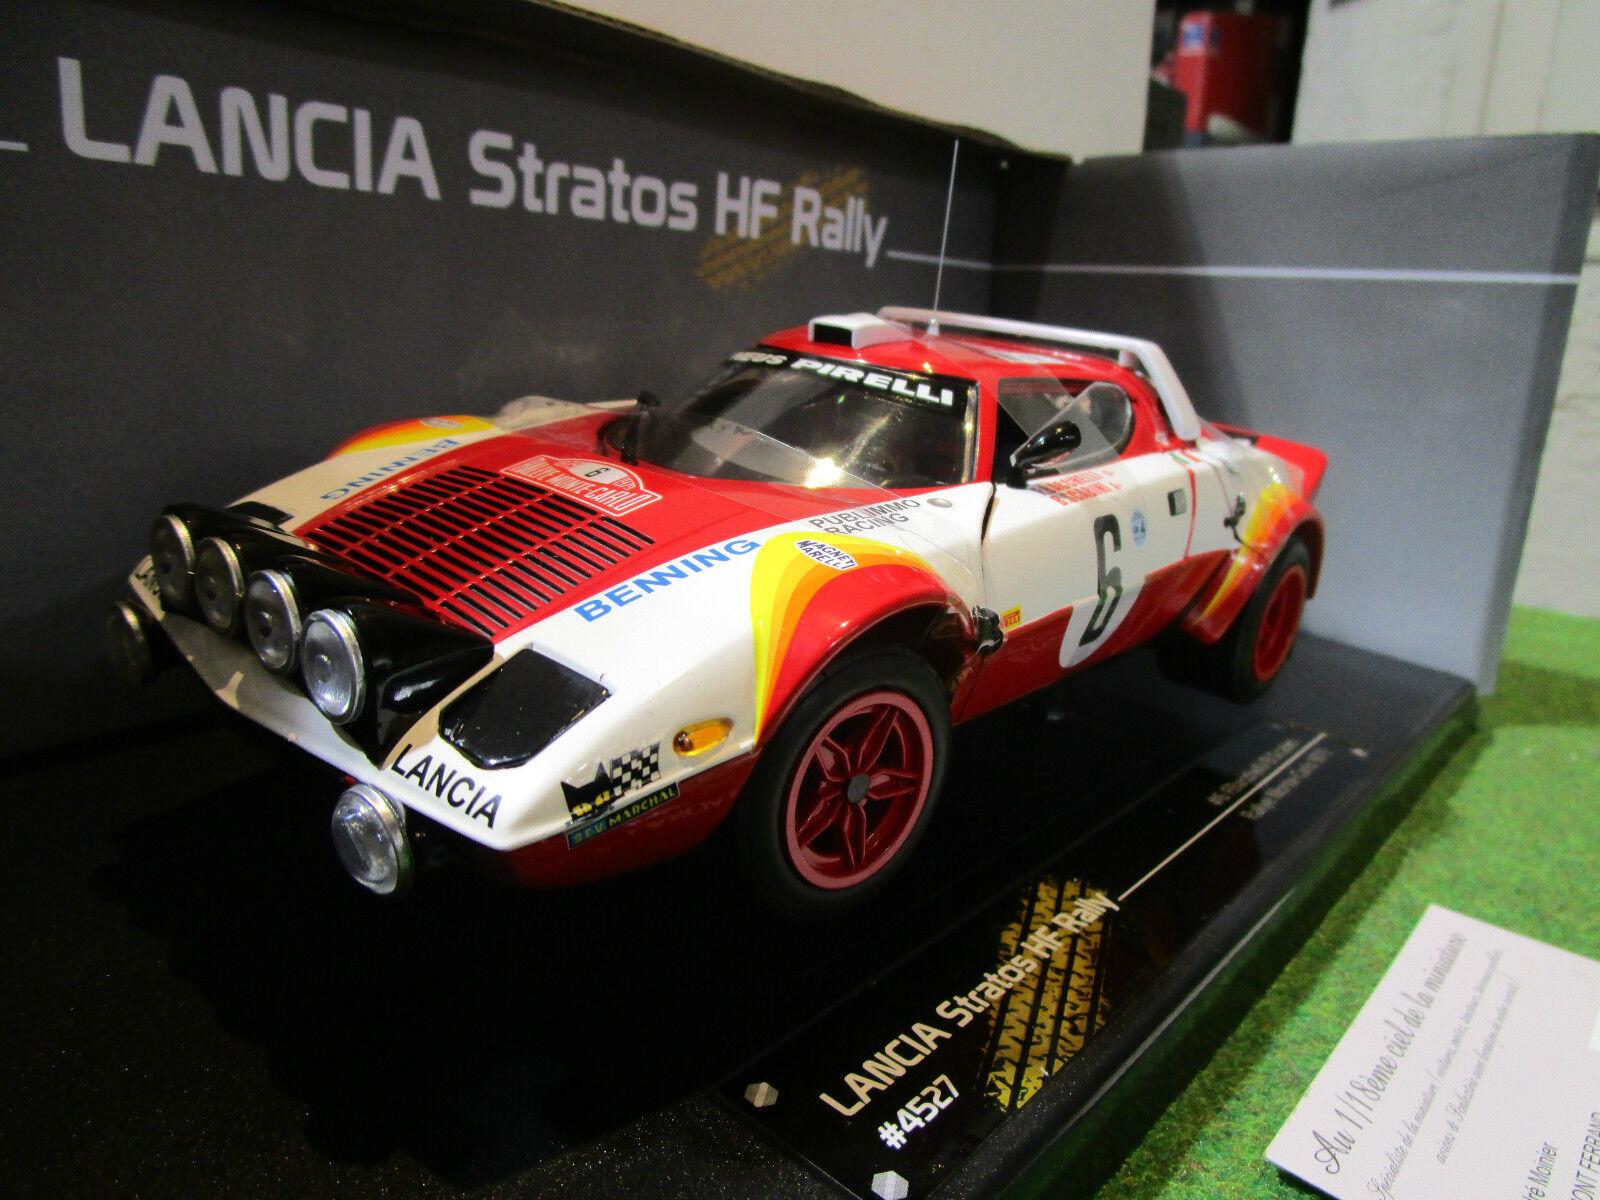 LANCIA STRATOS HF RALLY MONTE voitureLO de 1979  au 1 18 SUN STAR 4527 voiture  gros pas cher